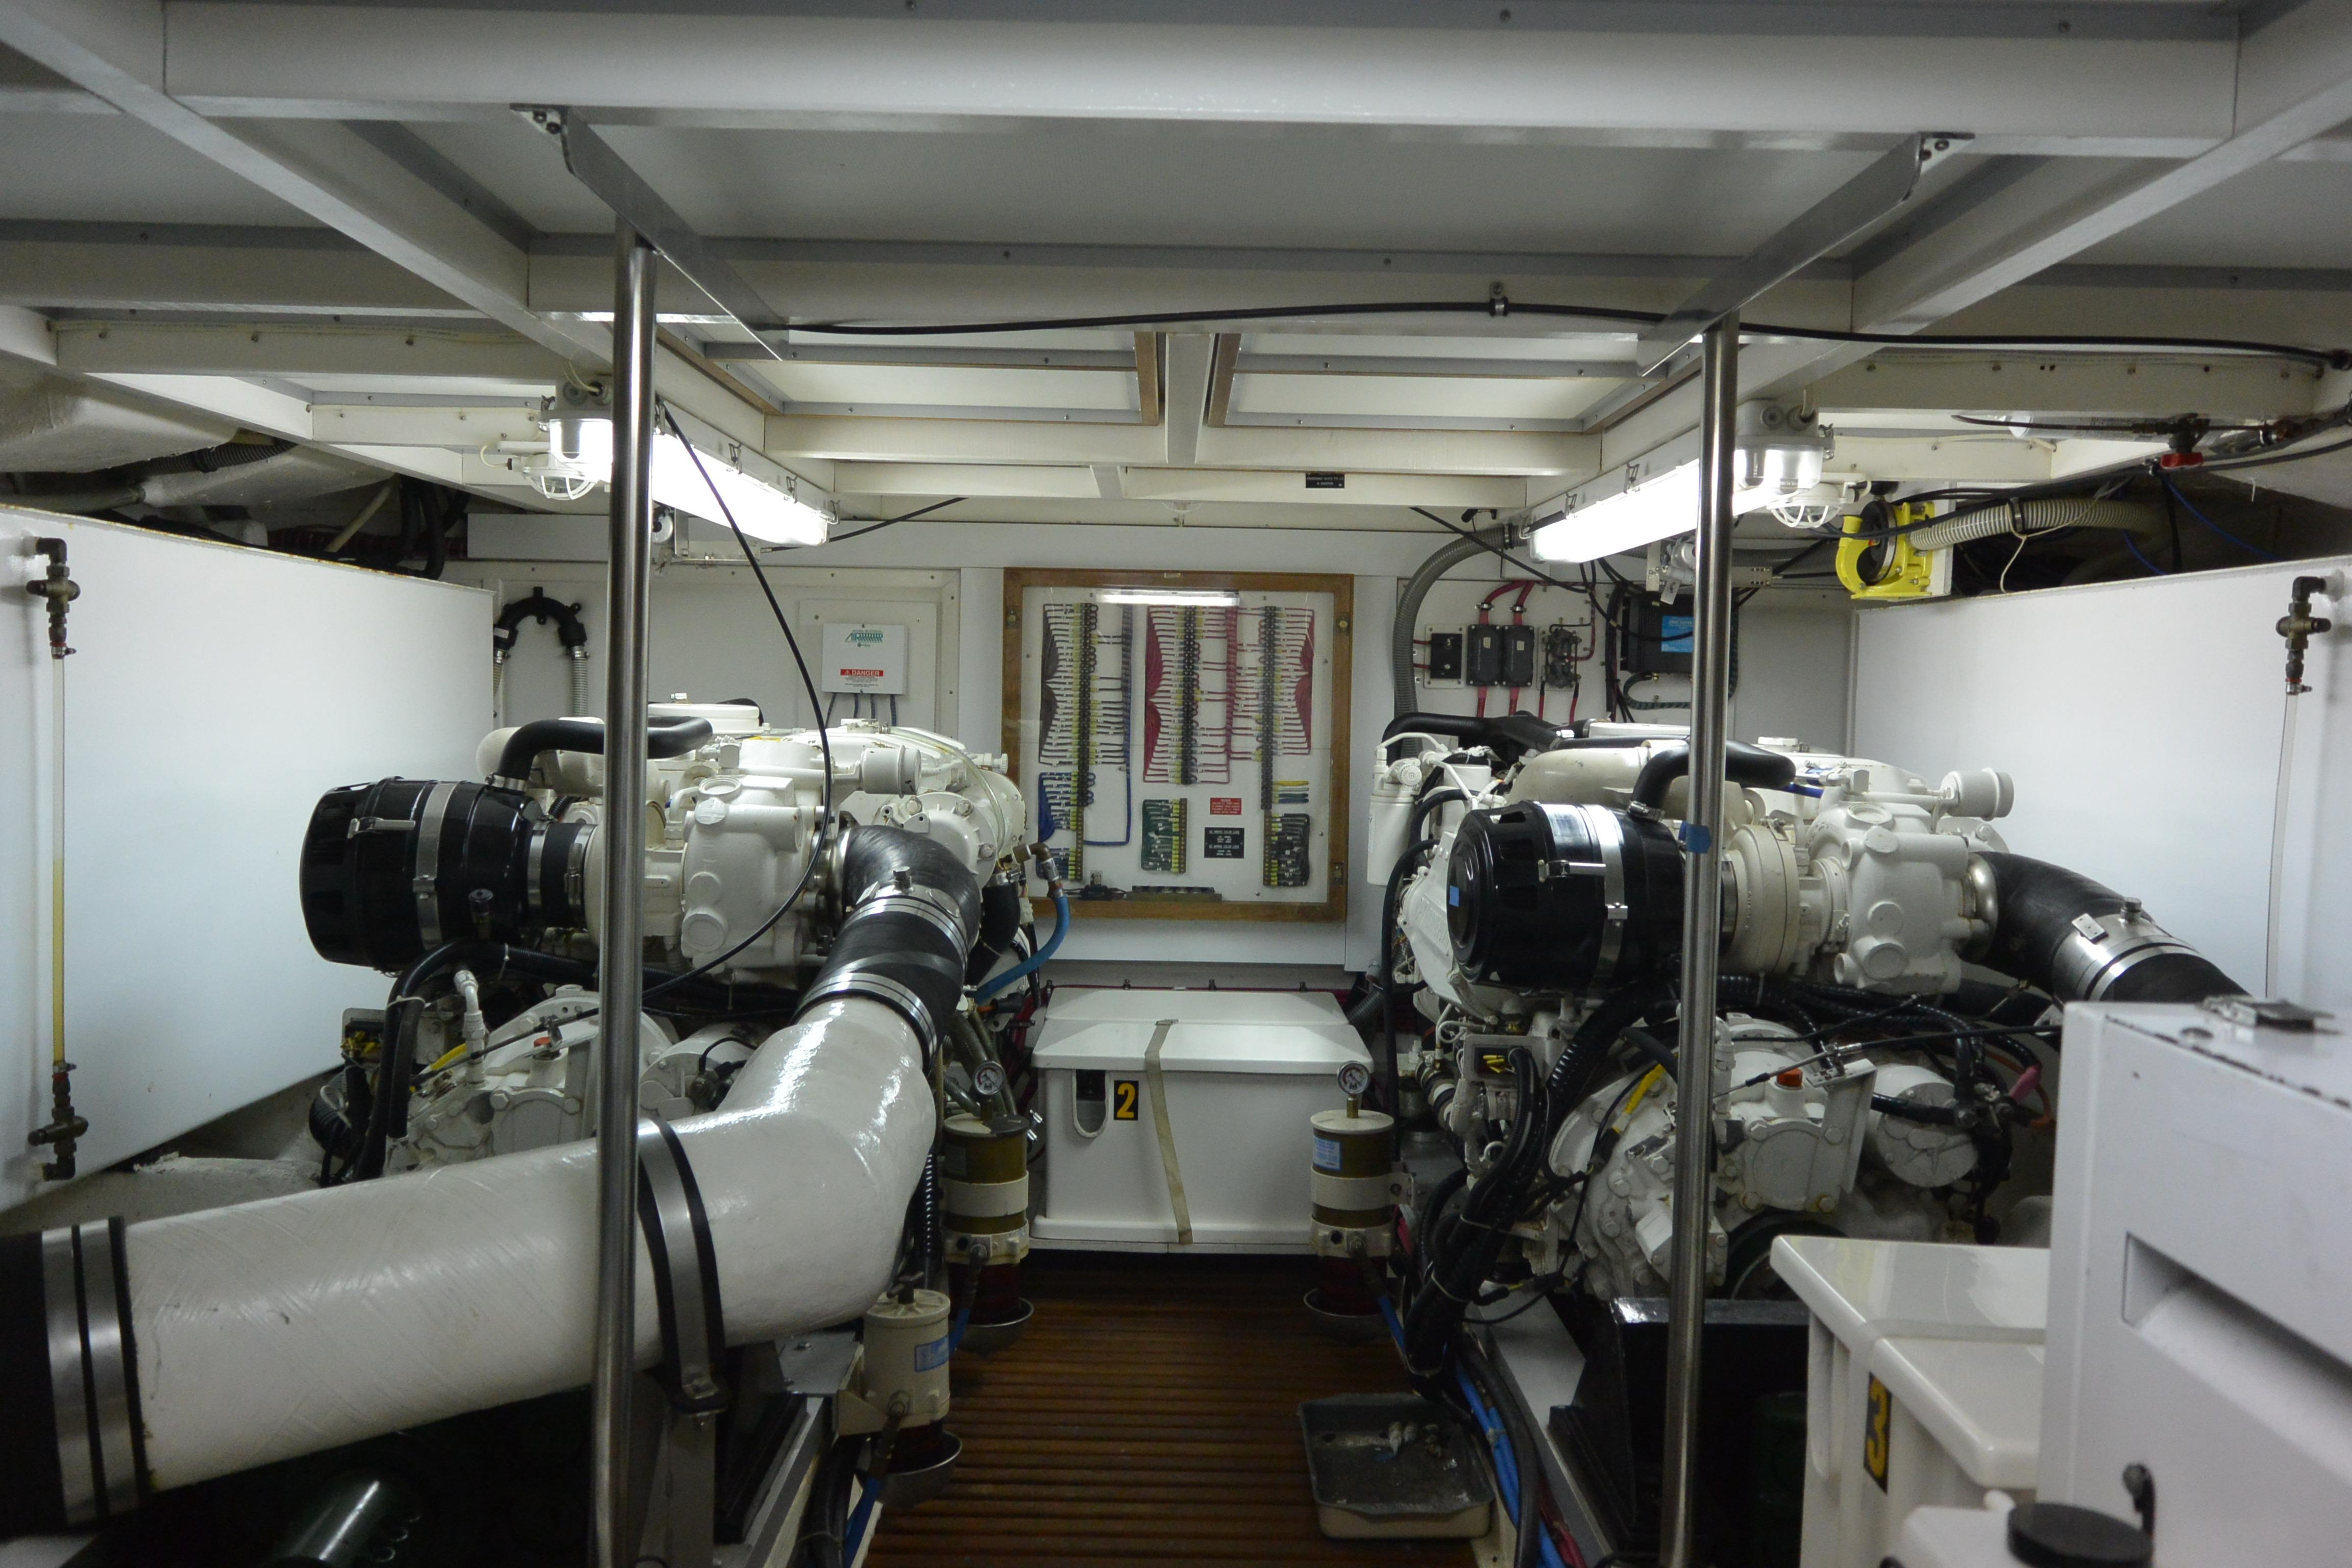 Engine room-1